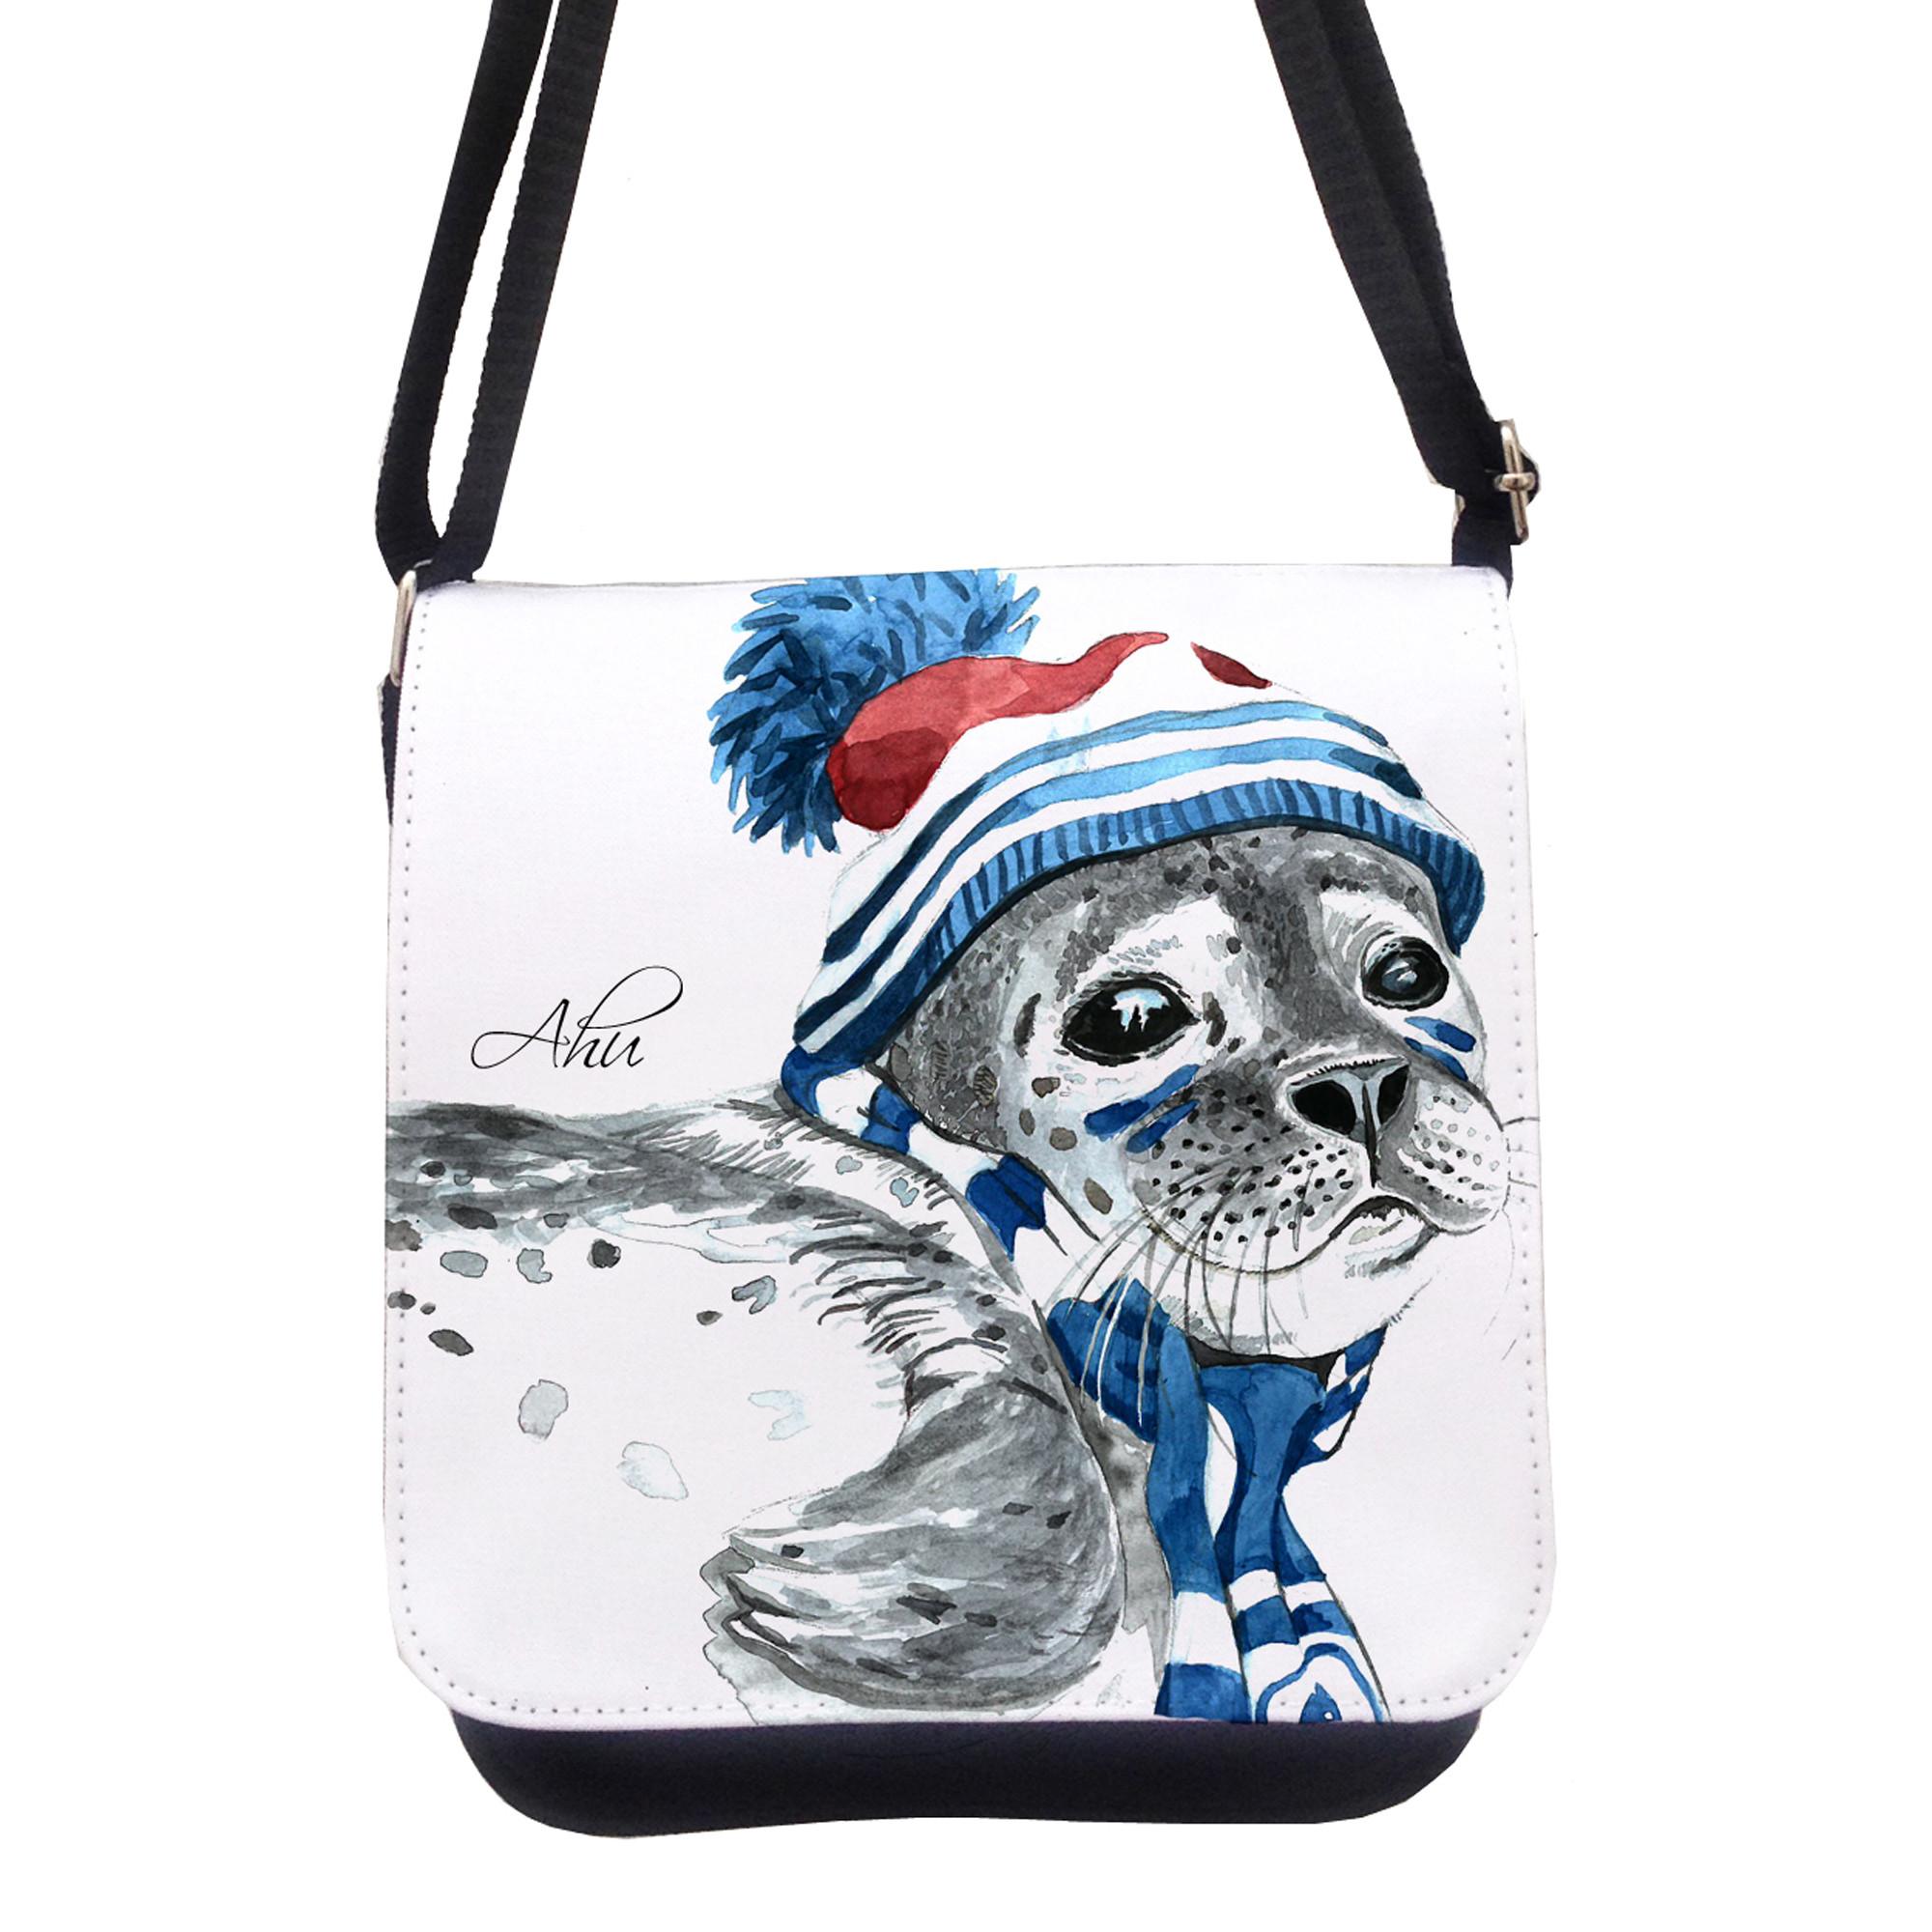 Tasche Kindertasche Handtasche Schultasche Schultertasche ...